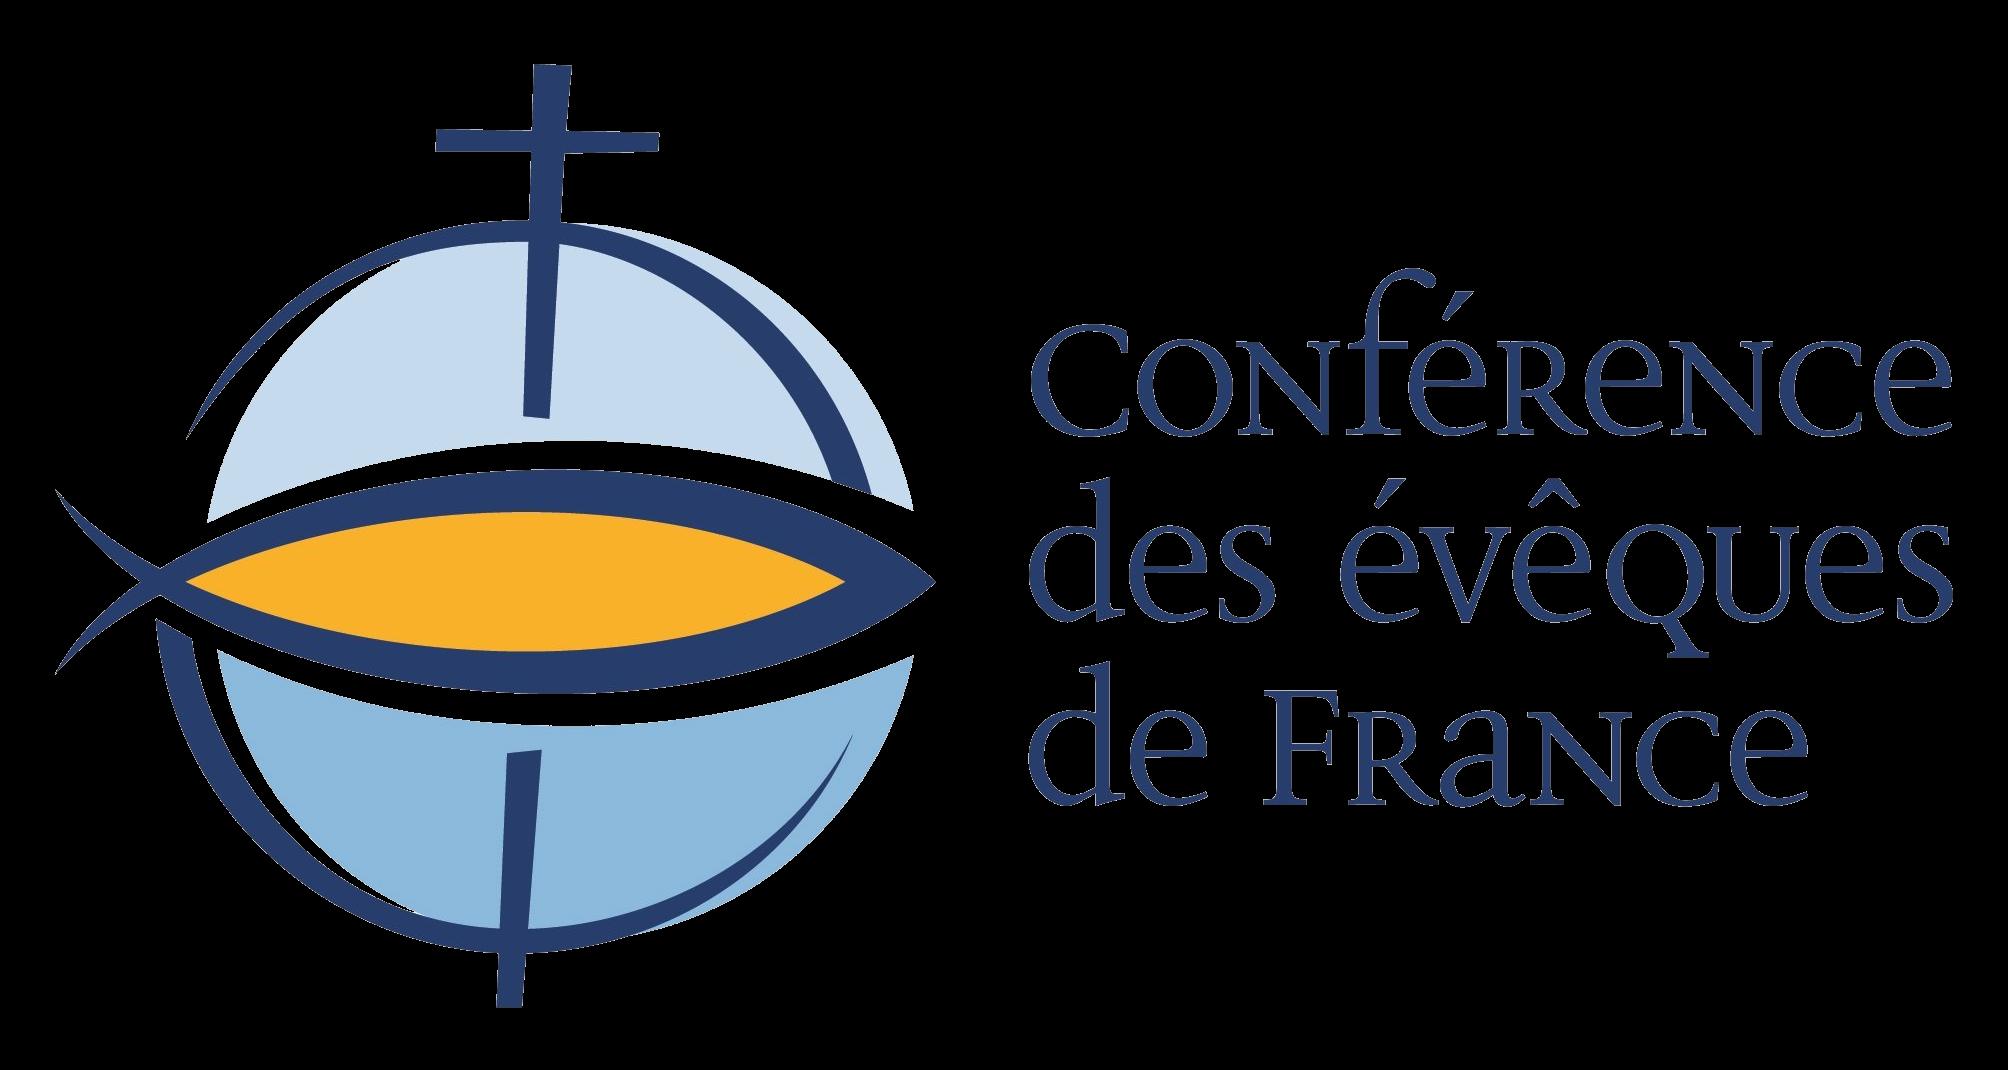 communiqué : LE PAPE FRANÇOIS ACCEPTE LA DÉMISSION DU CARDINAL PHILIPPE BARBARIN